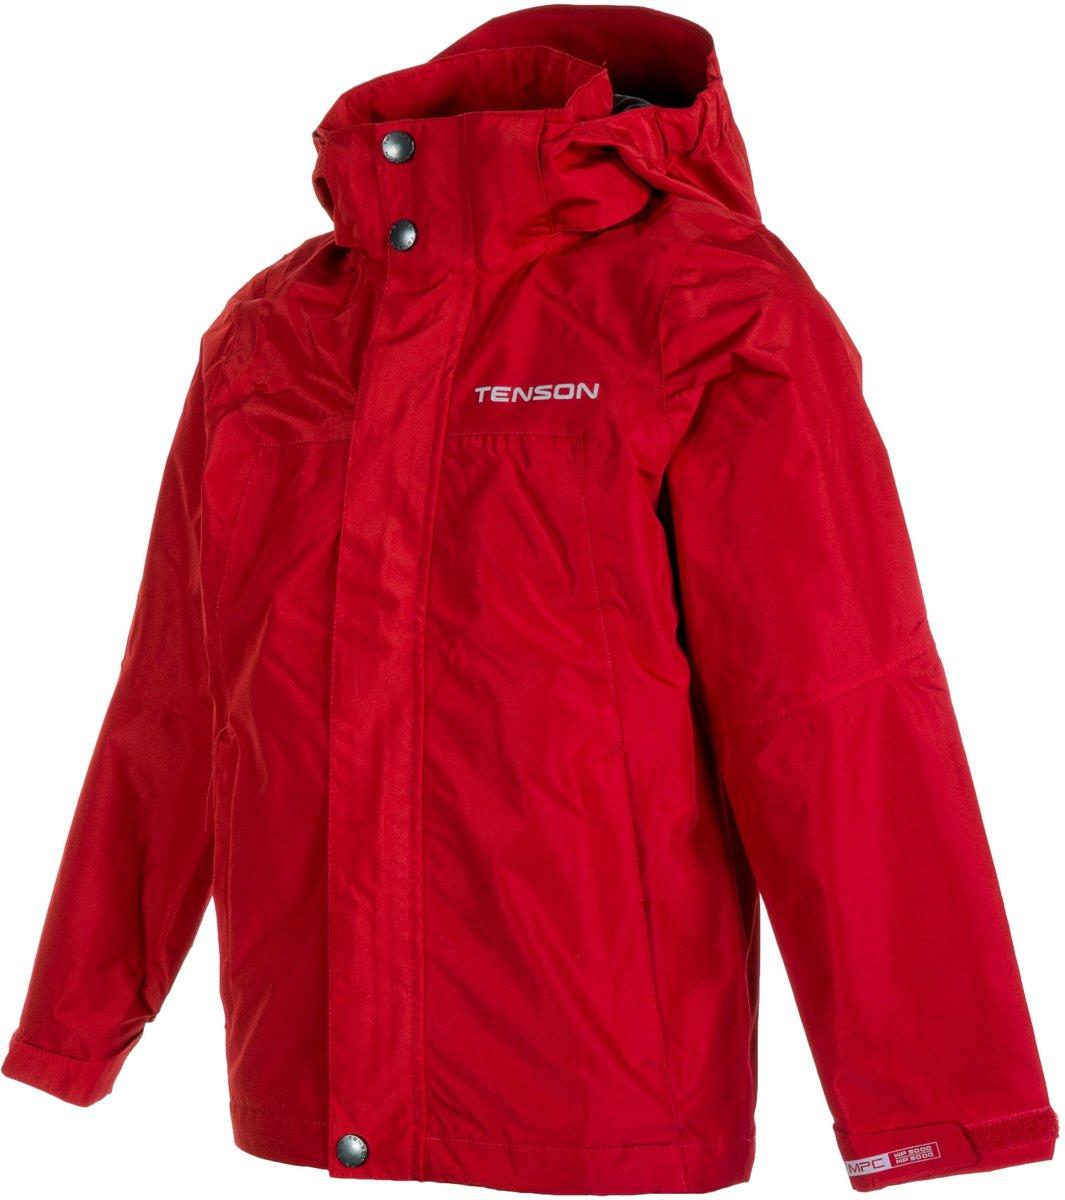 Tenson Monitor Regenpak Junior Regenpak Maat 134 Unisex rozezwart Maat 134140